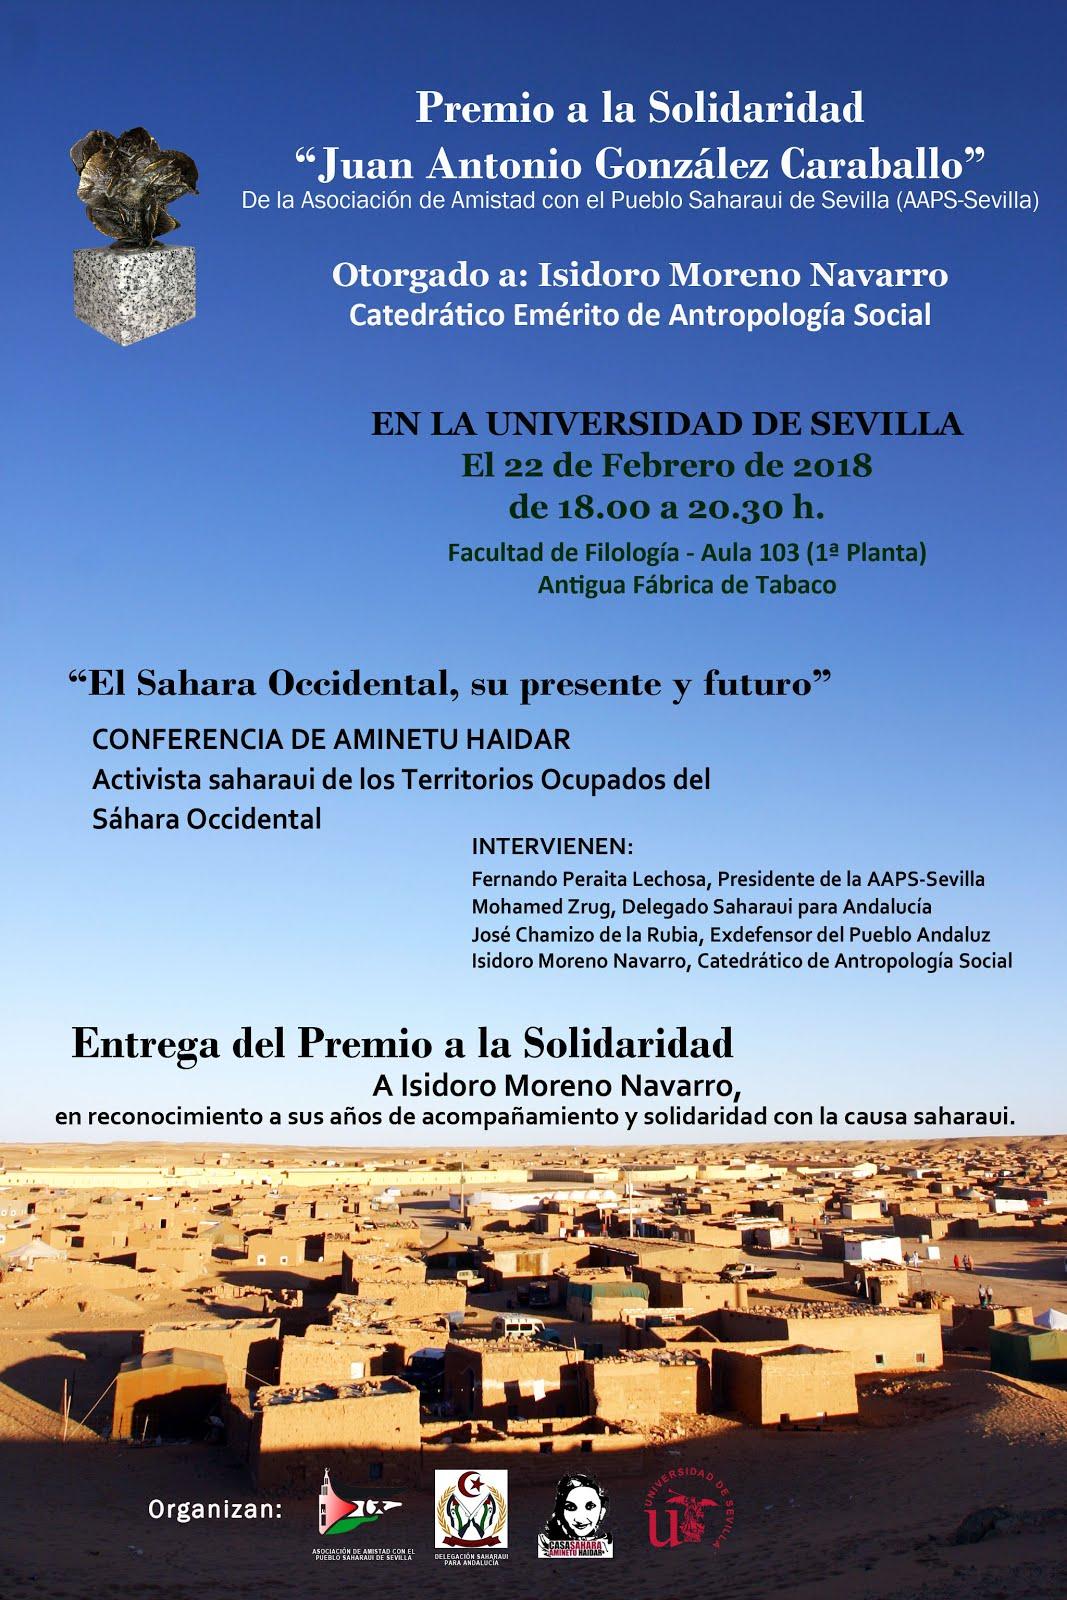 Premio a la Solidaridad a Isidoro Moreno y Conferencia de Aminetu Haidar.